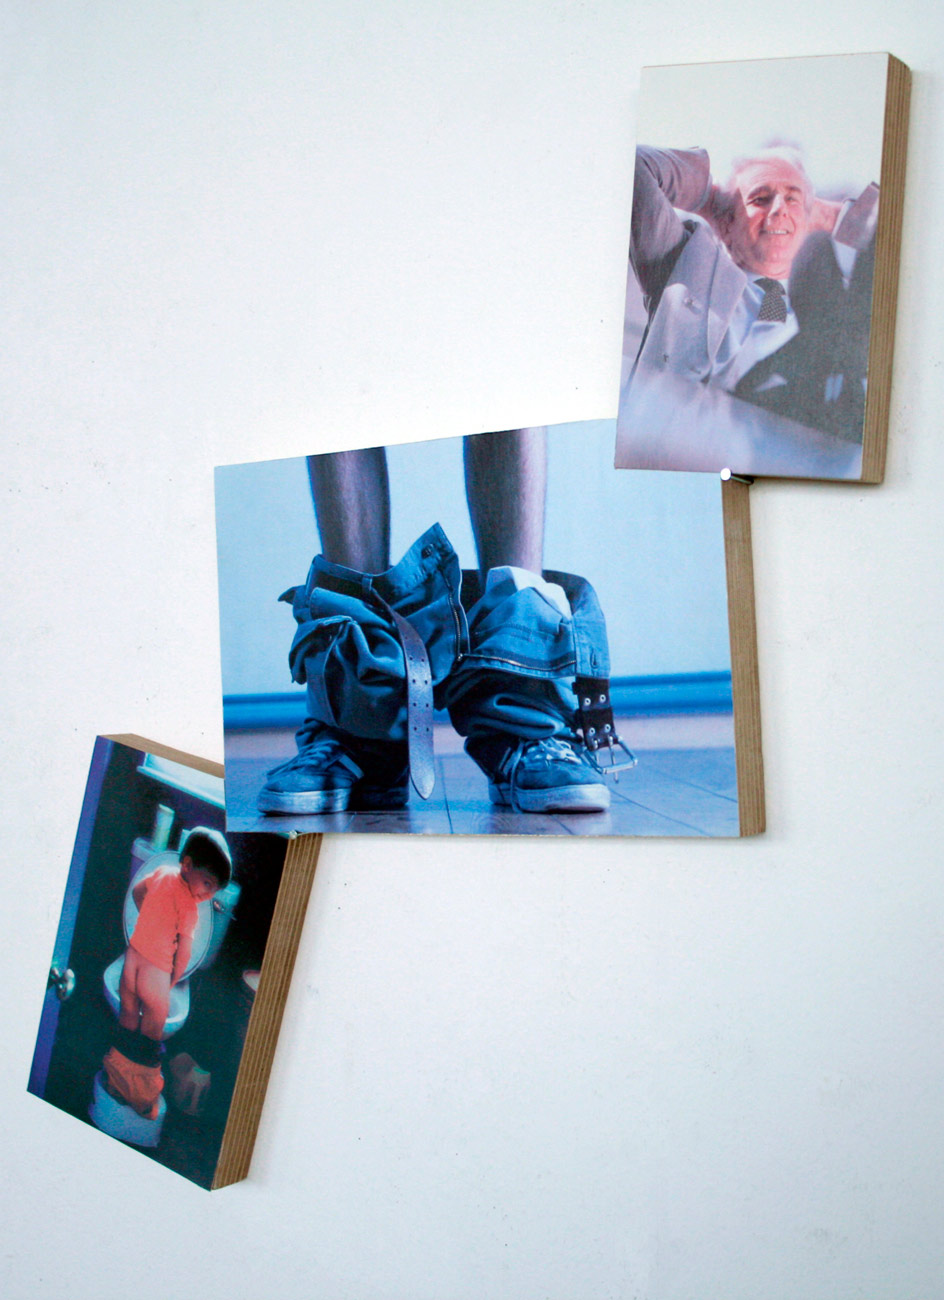 sam-porritt-image-divining-no-II-boys-will-be-boys-2009-2011